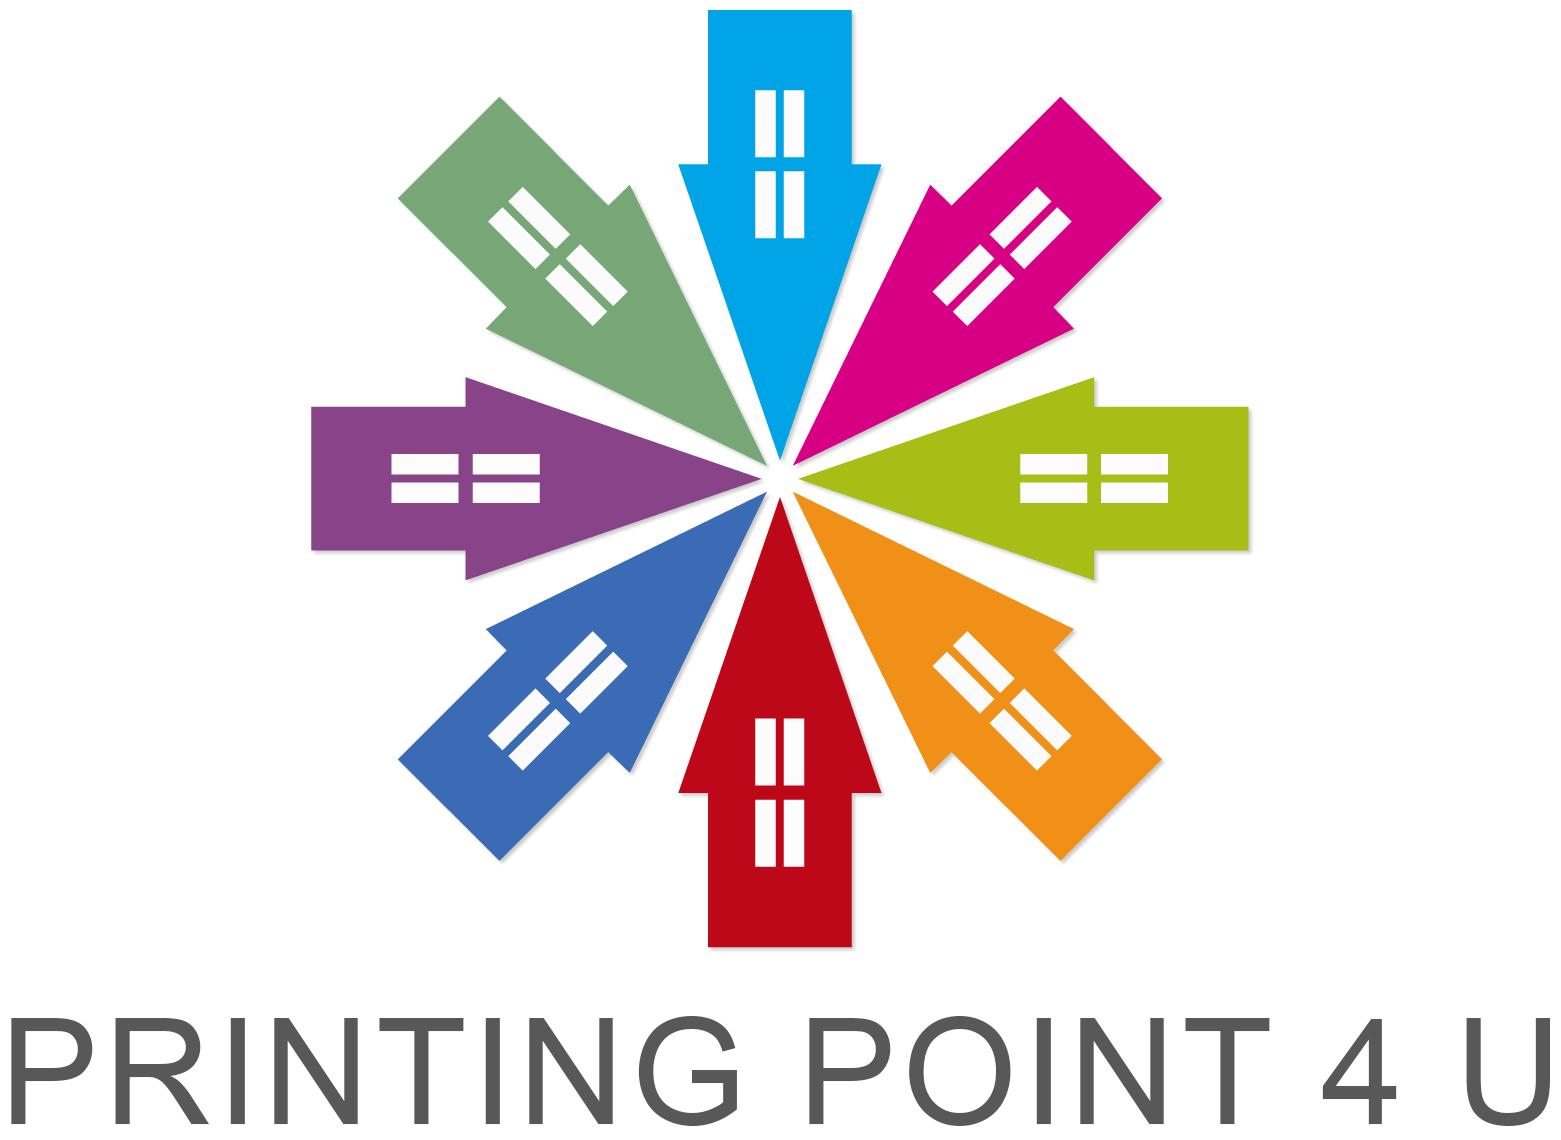 Printing Point 4 U uitgeverij